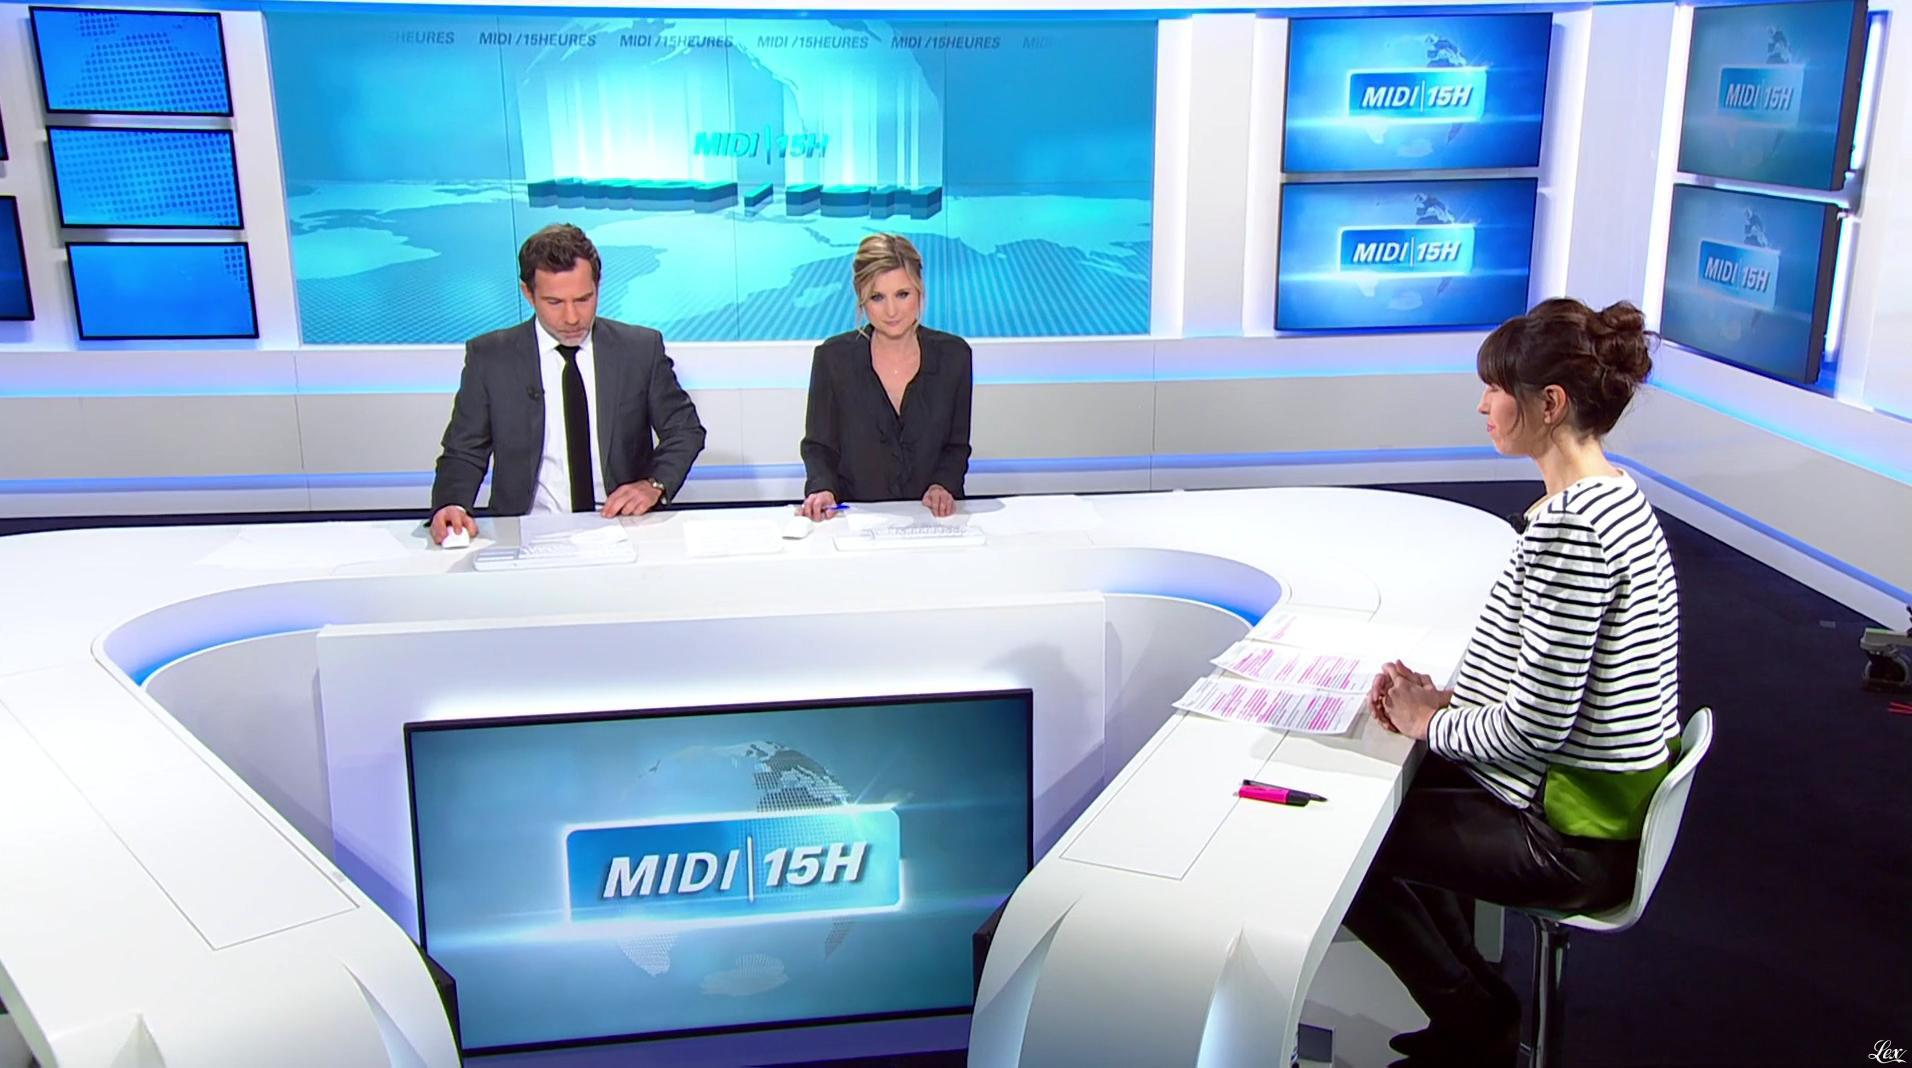 Candice Mahout dans le Midi-15h. Diffusé à la télévision le 24/01/17.